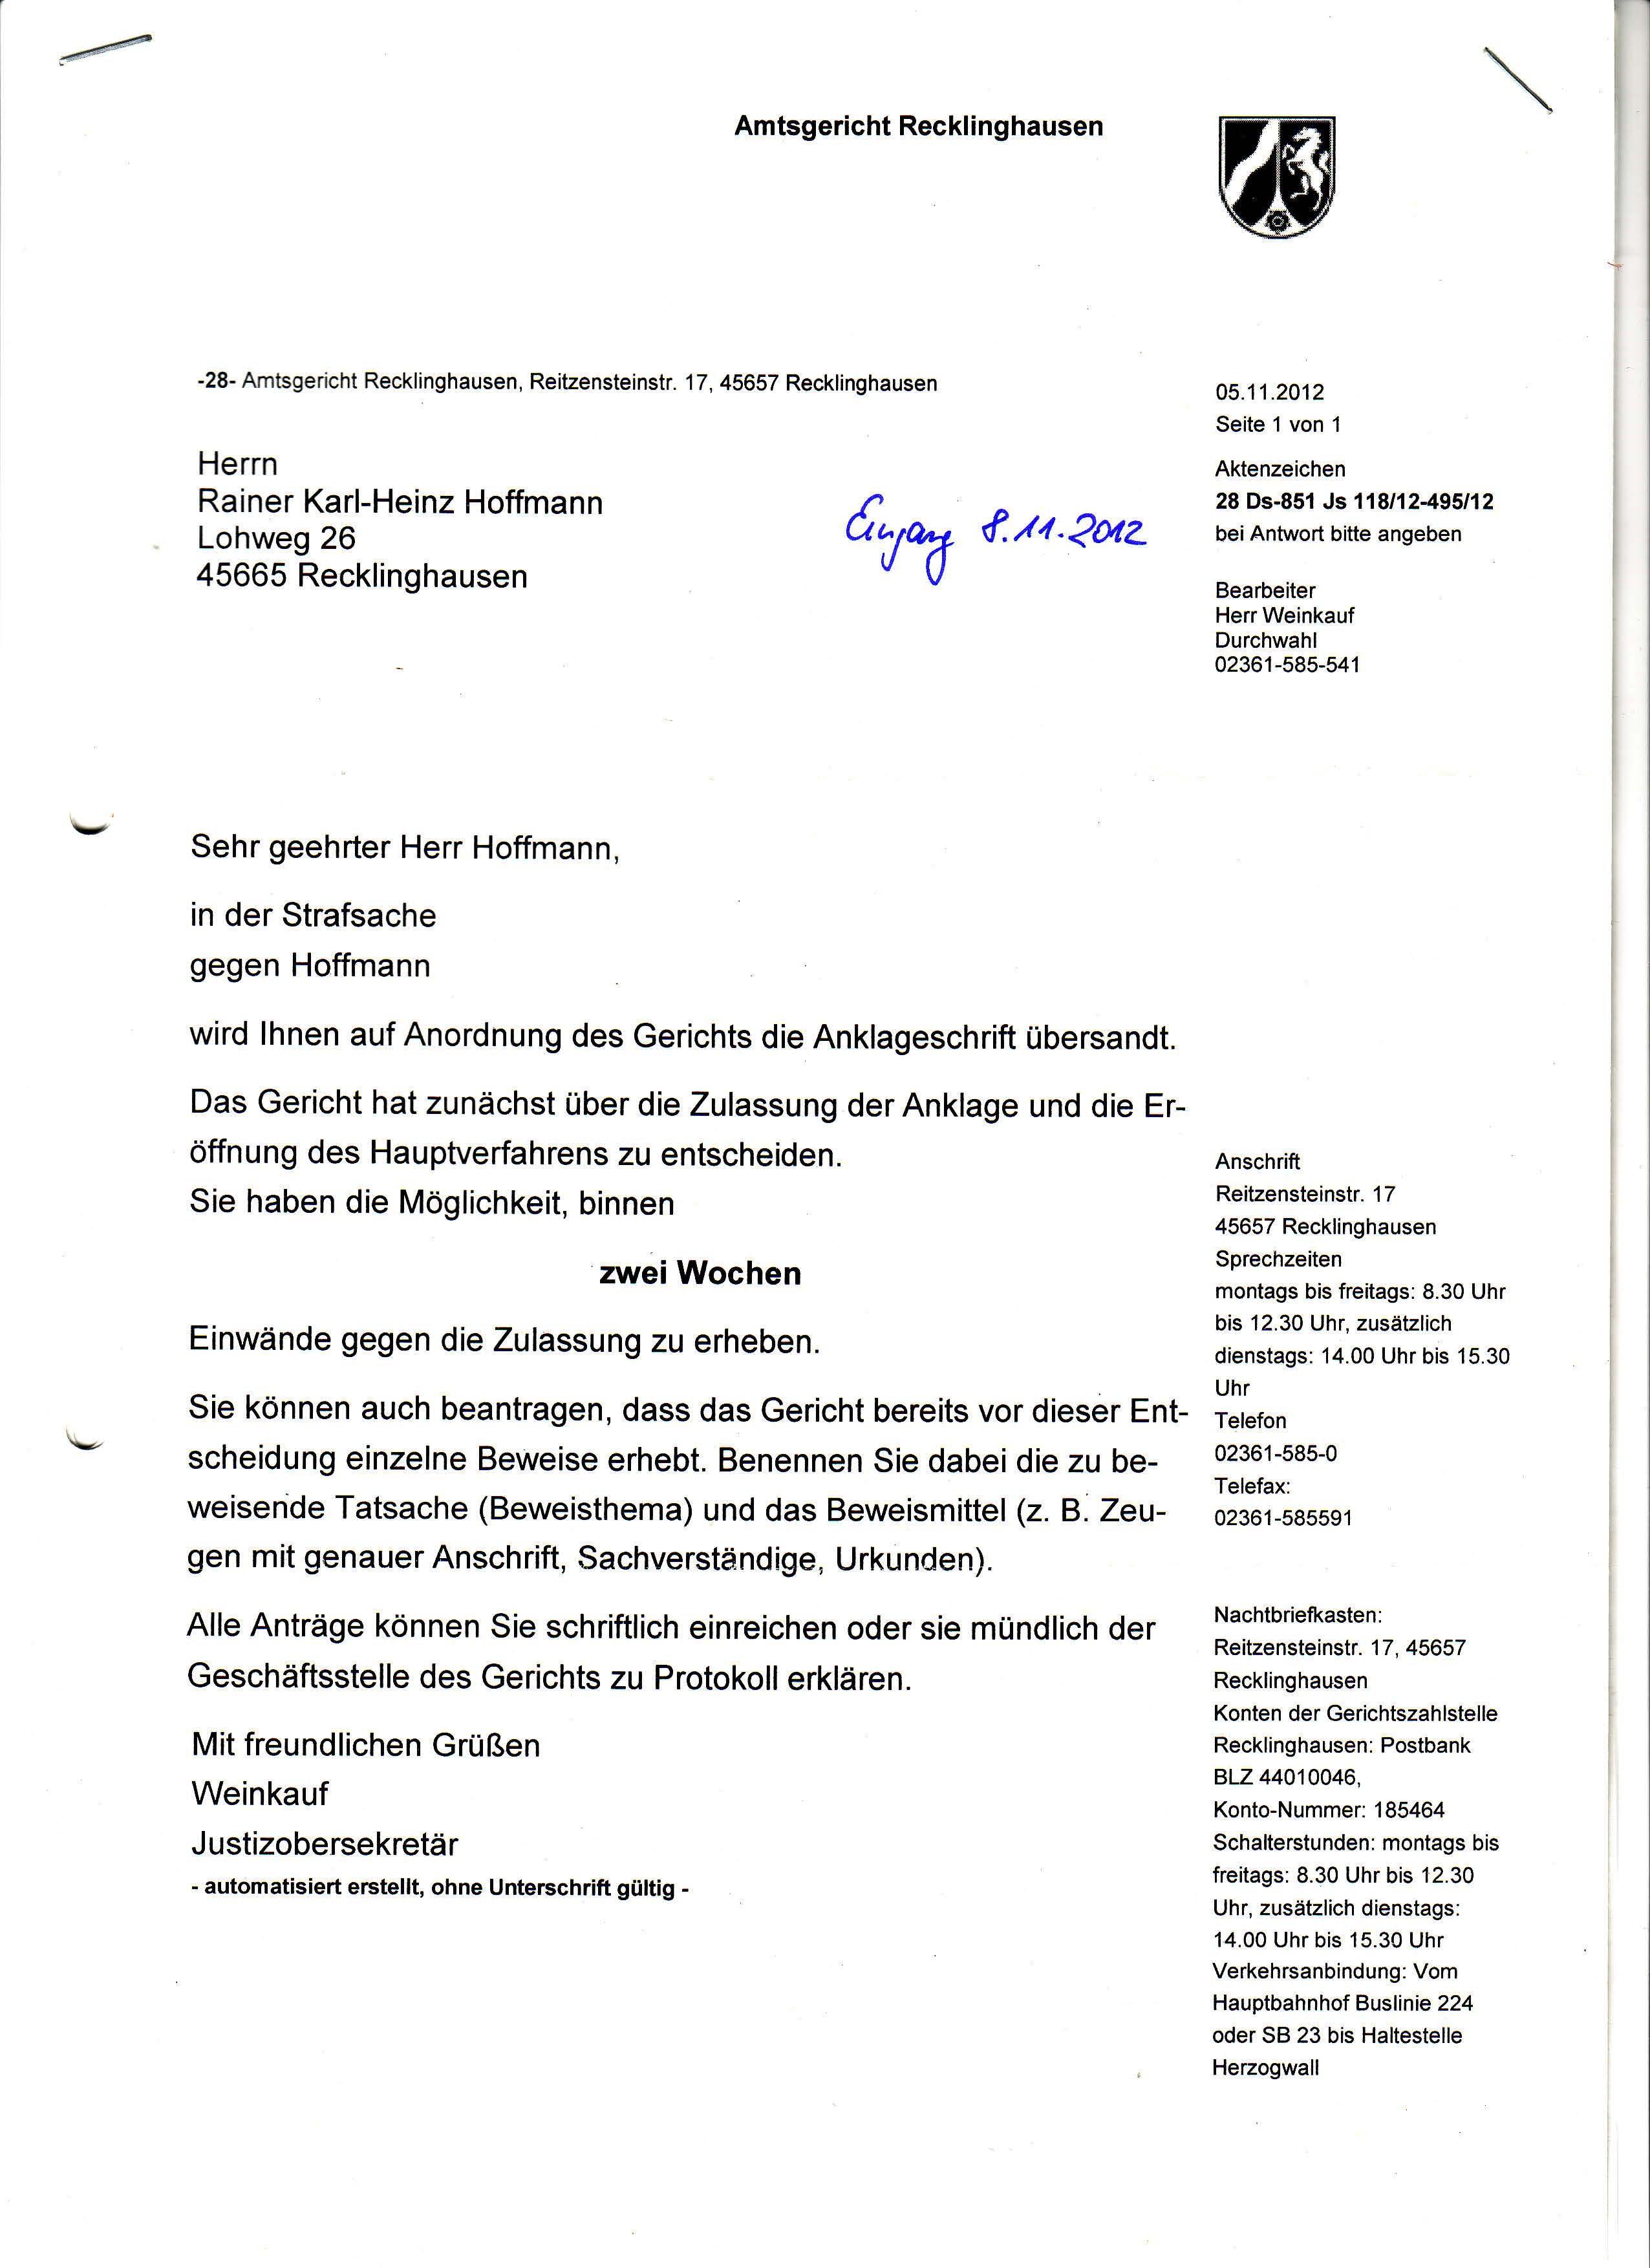 Richterin Am Amtsgericht Schone Solarkritik De Die Geheimakte Hoffmann